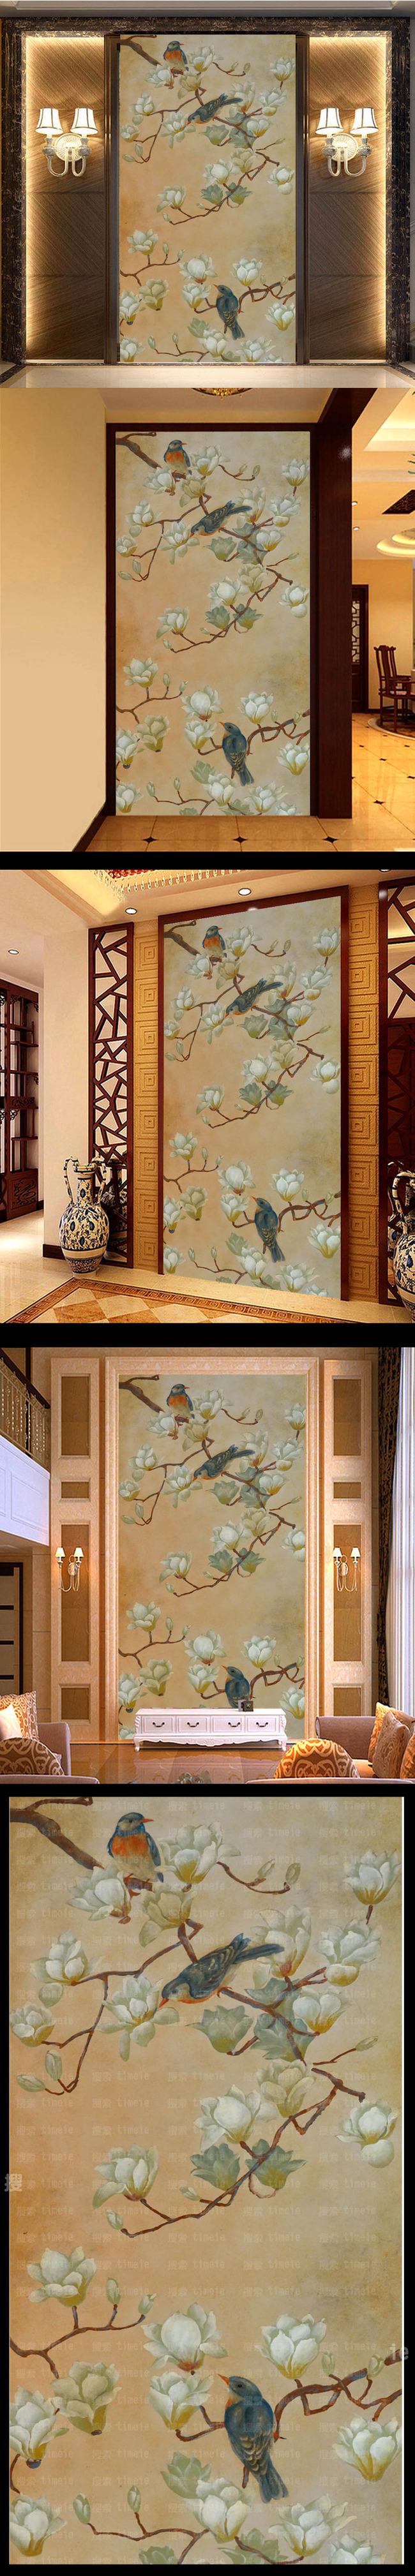 高清手绘花鸟玄关装电视墙饰画